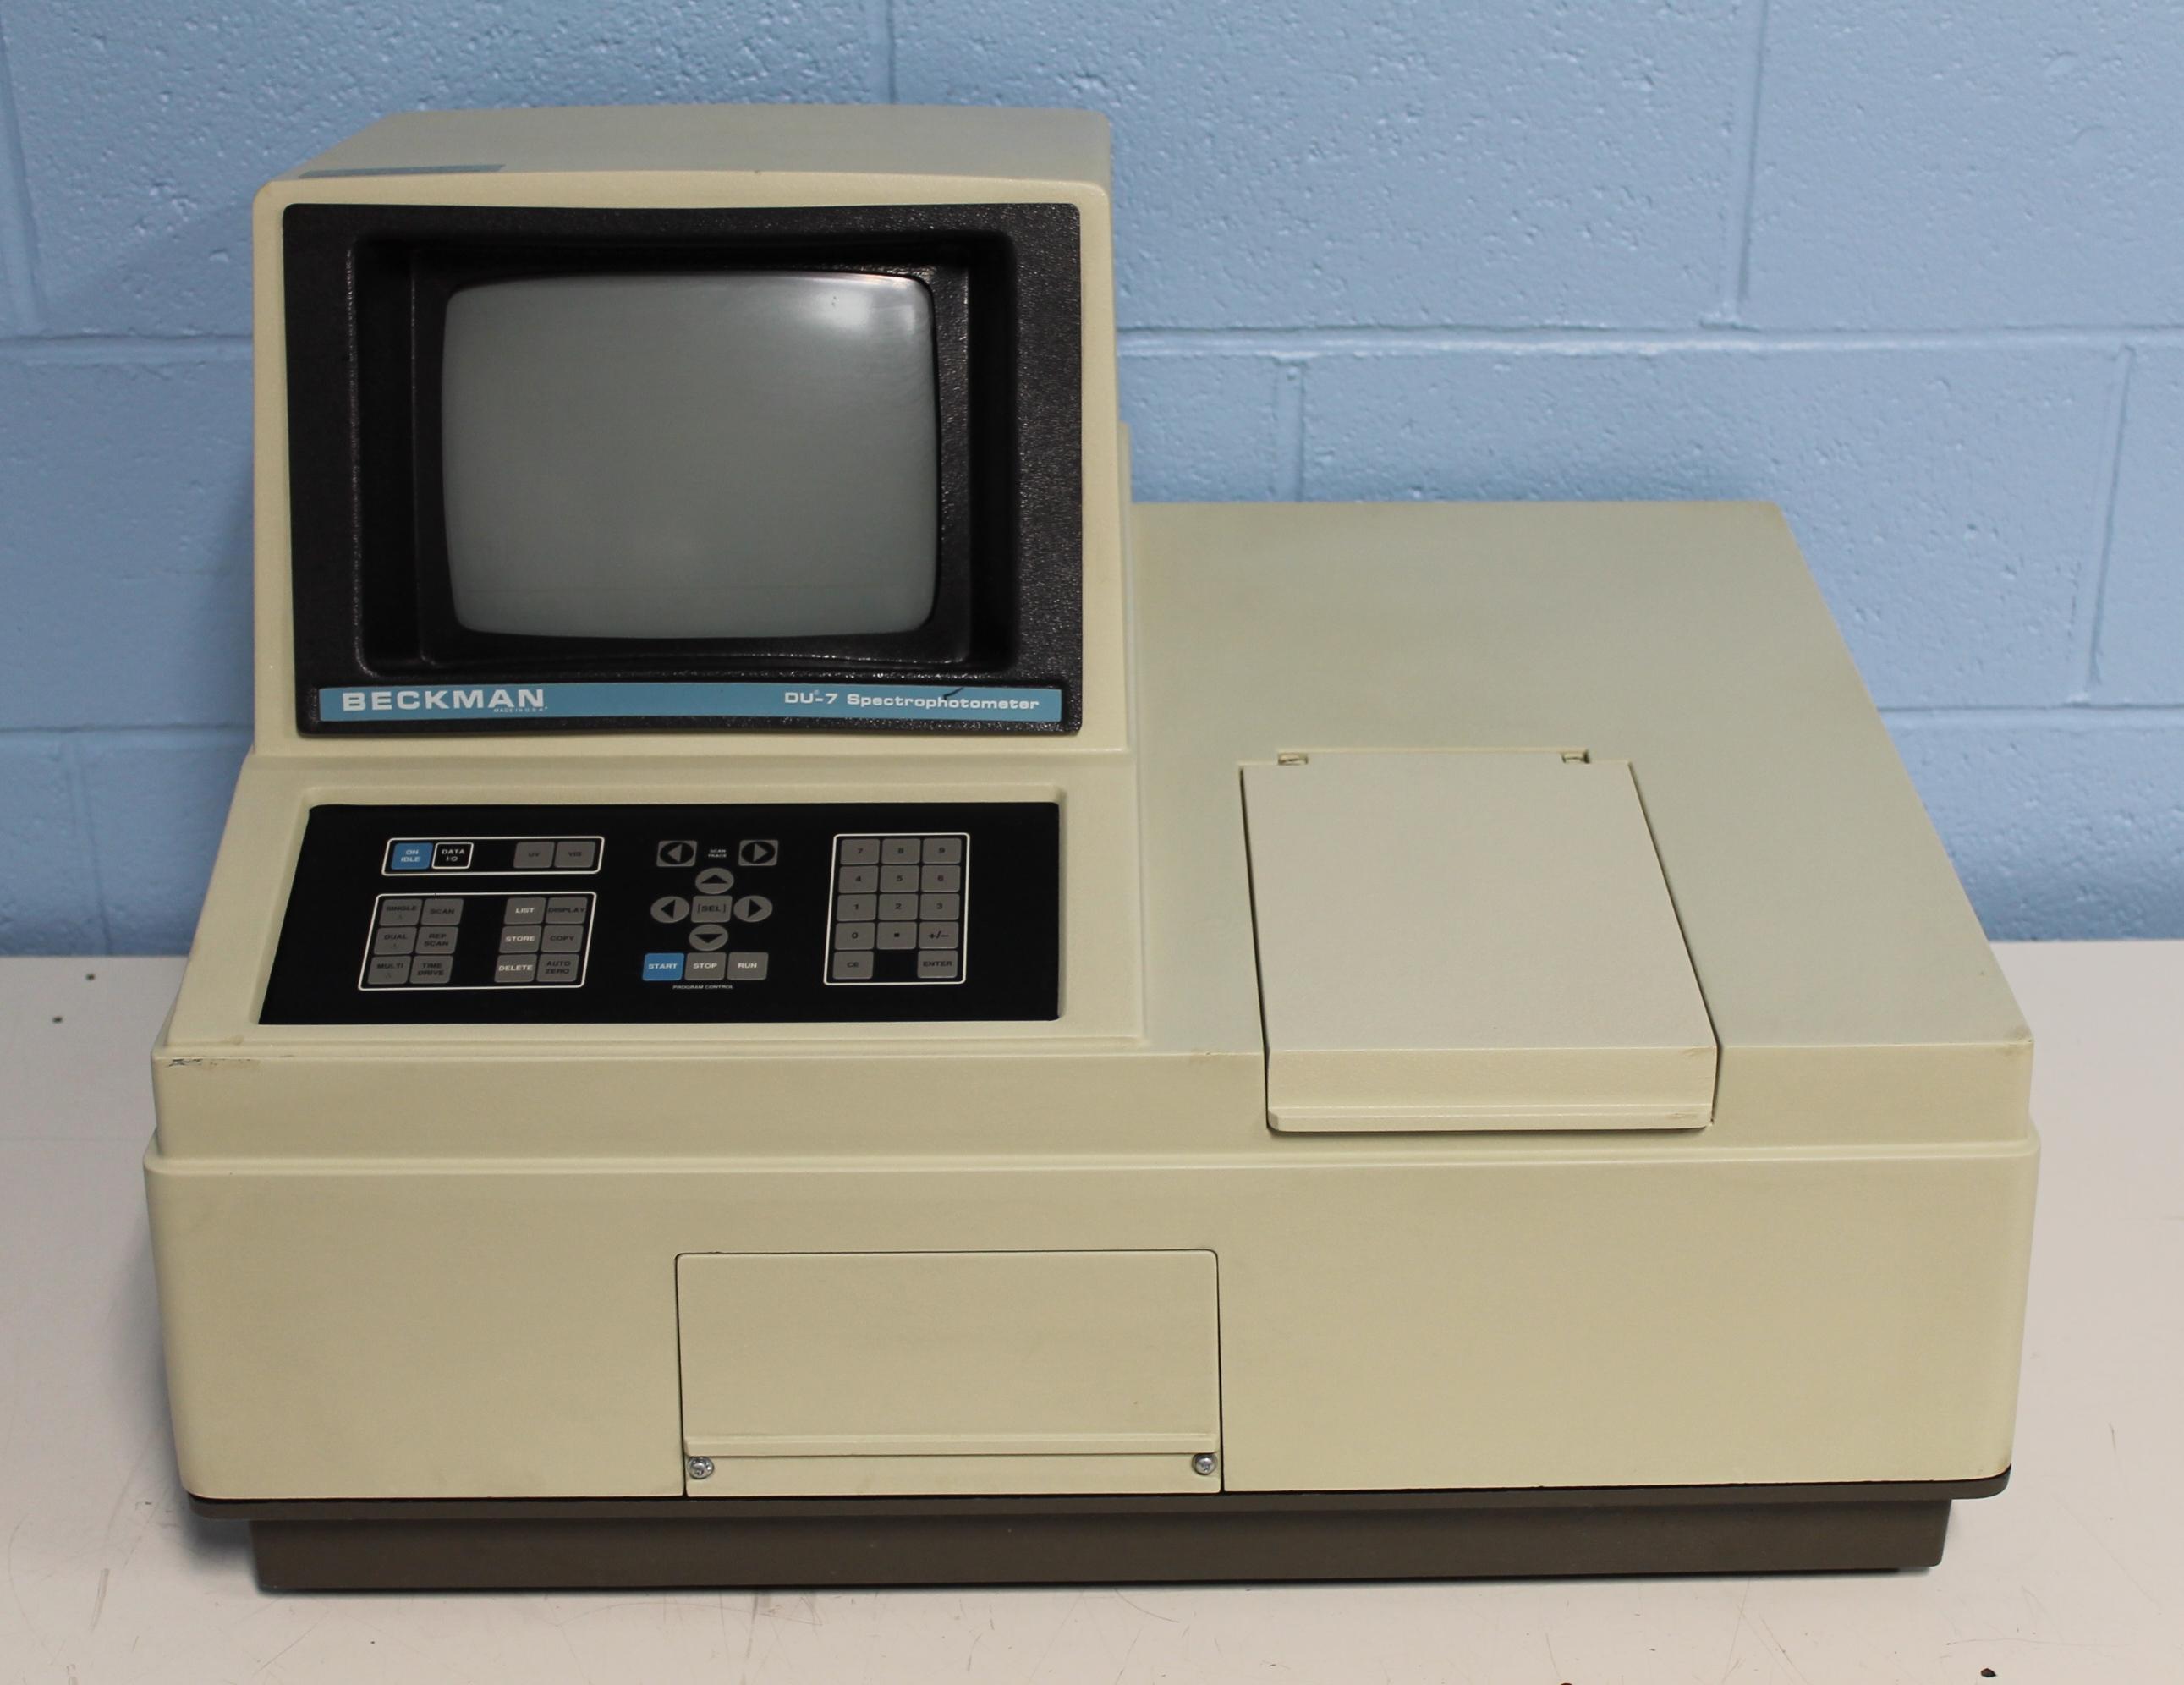 Beckman Coulter DU-70 Spectrophotometer Image